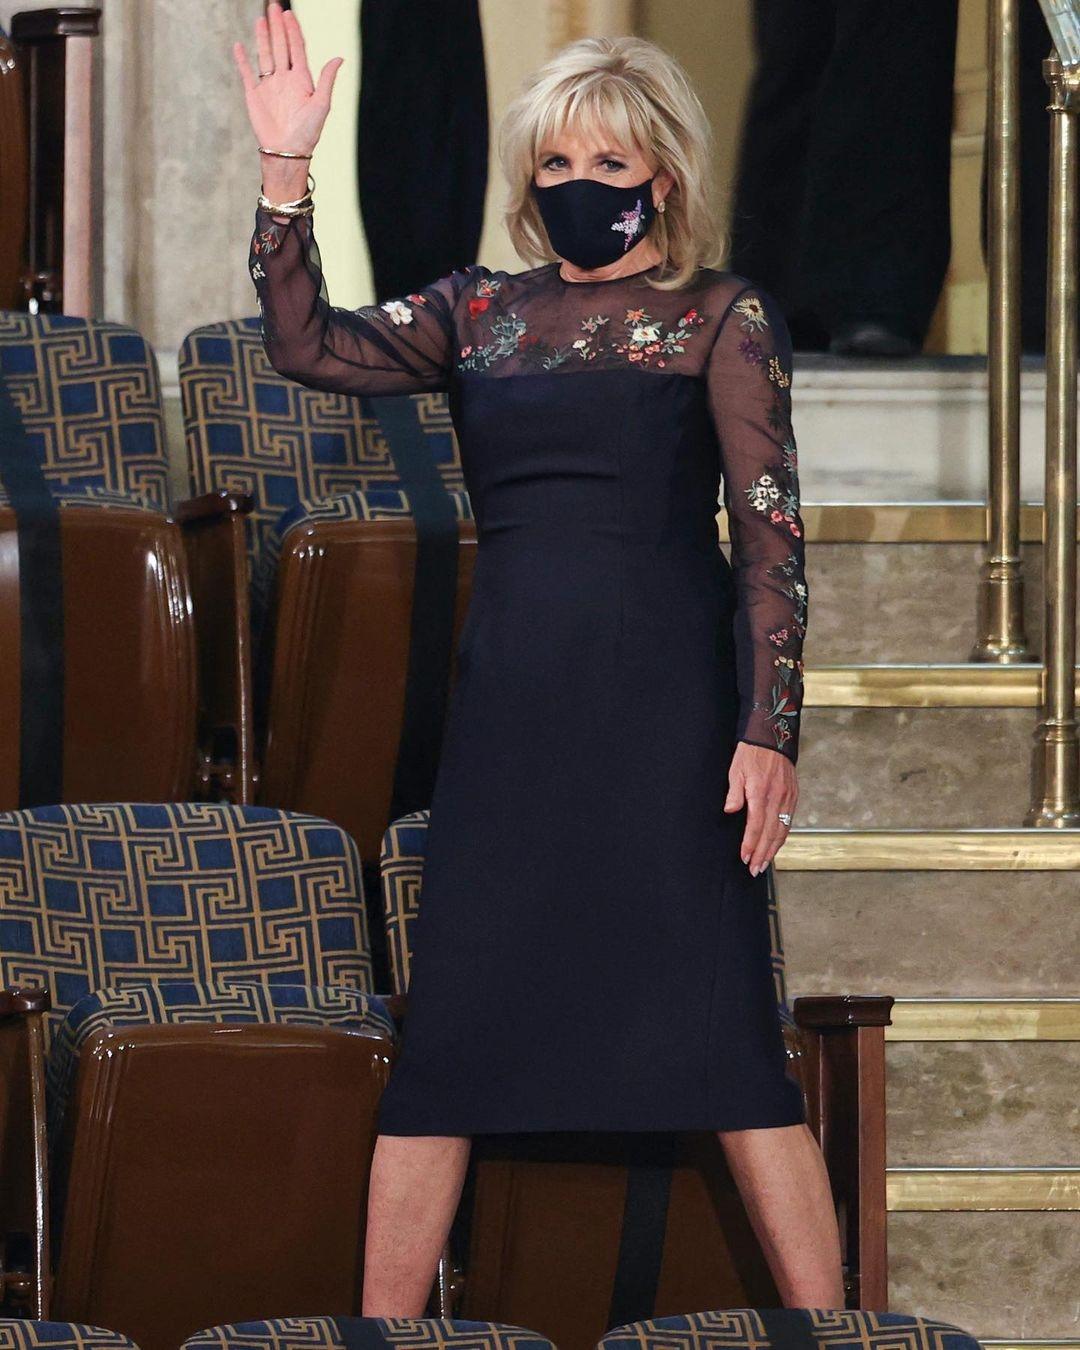 Джилл Байден вышла в свет в элегантном платье с прозрачными вставками (ФОТО) - фото №2